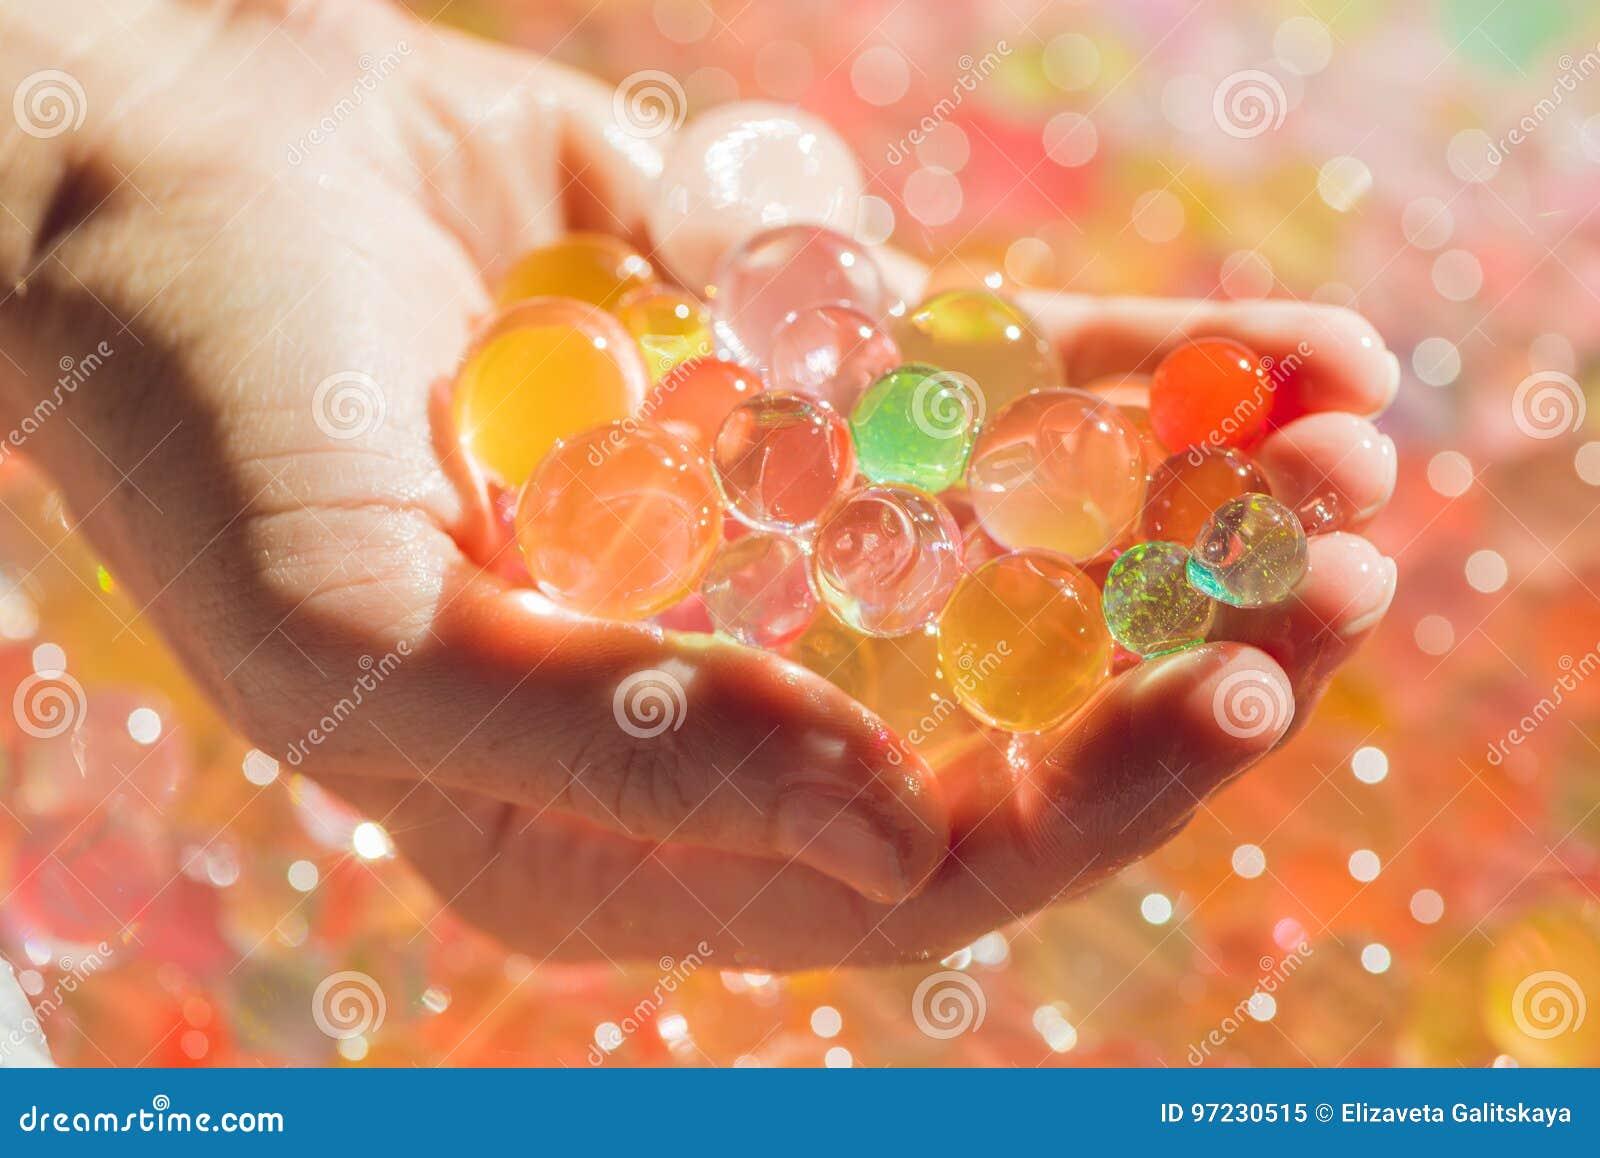 Gekleurde ballen van waterparels, hydrogel binnen in handen Sensorische ervaringen